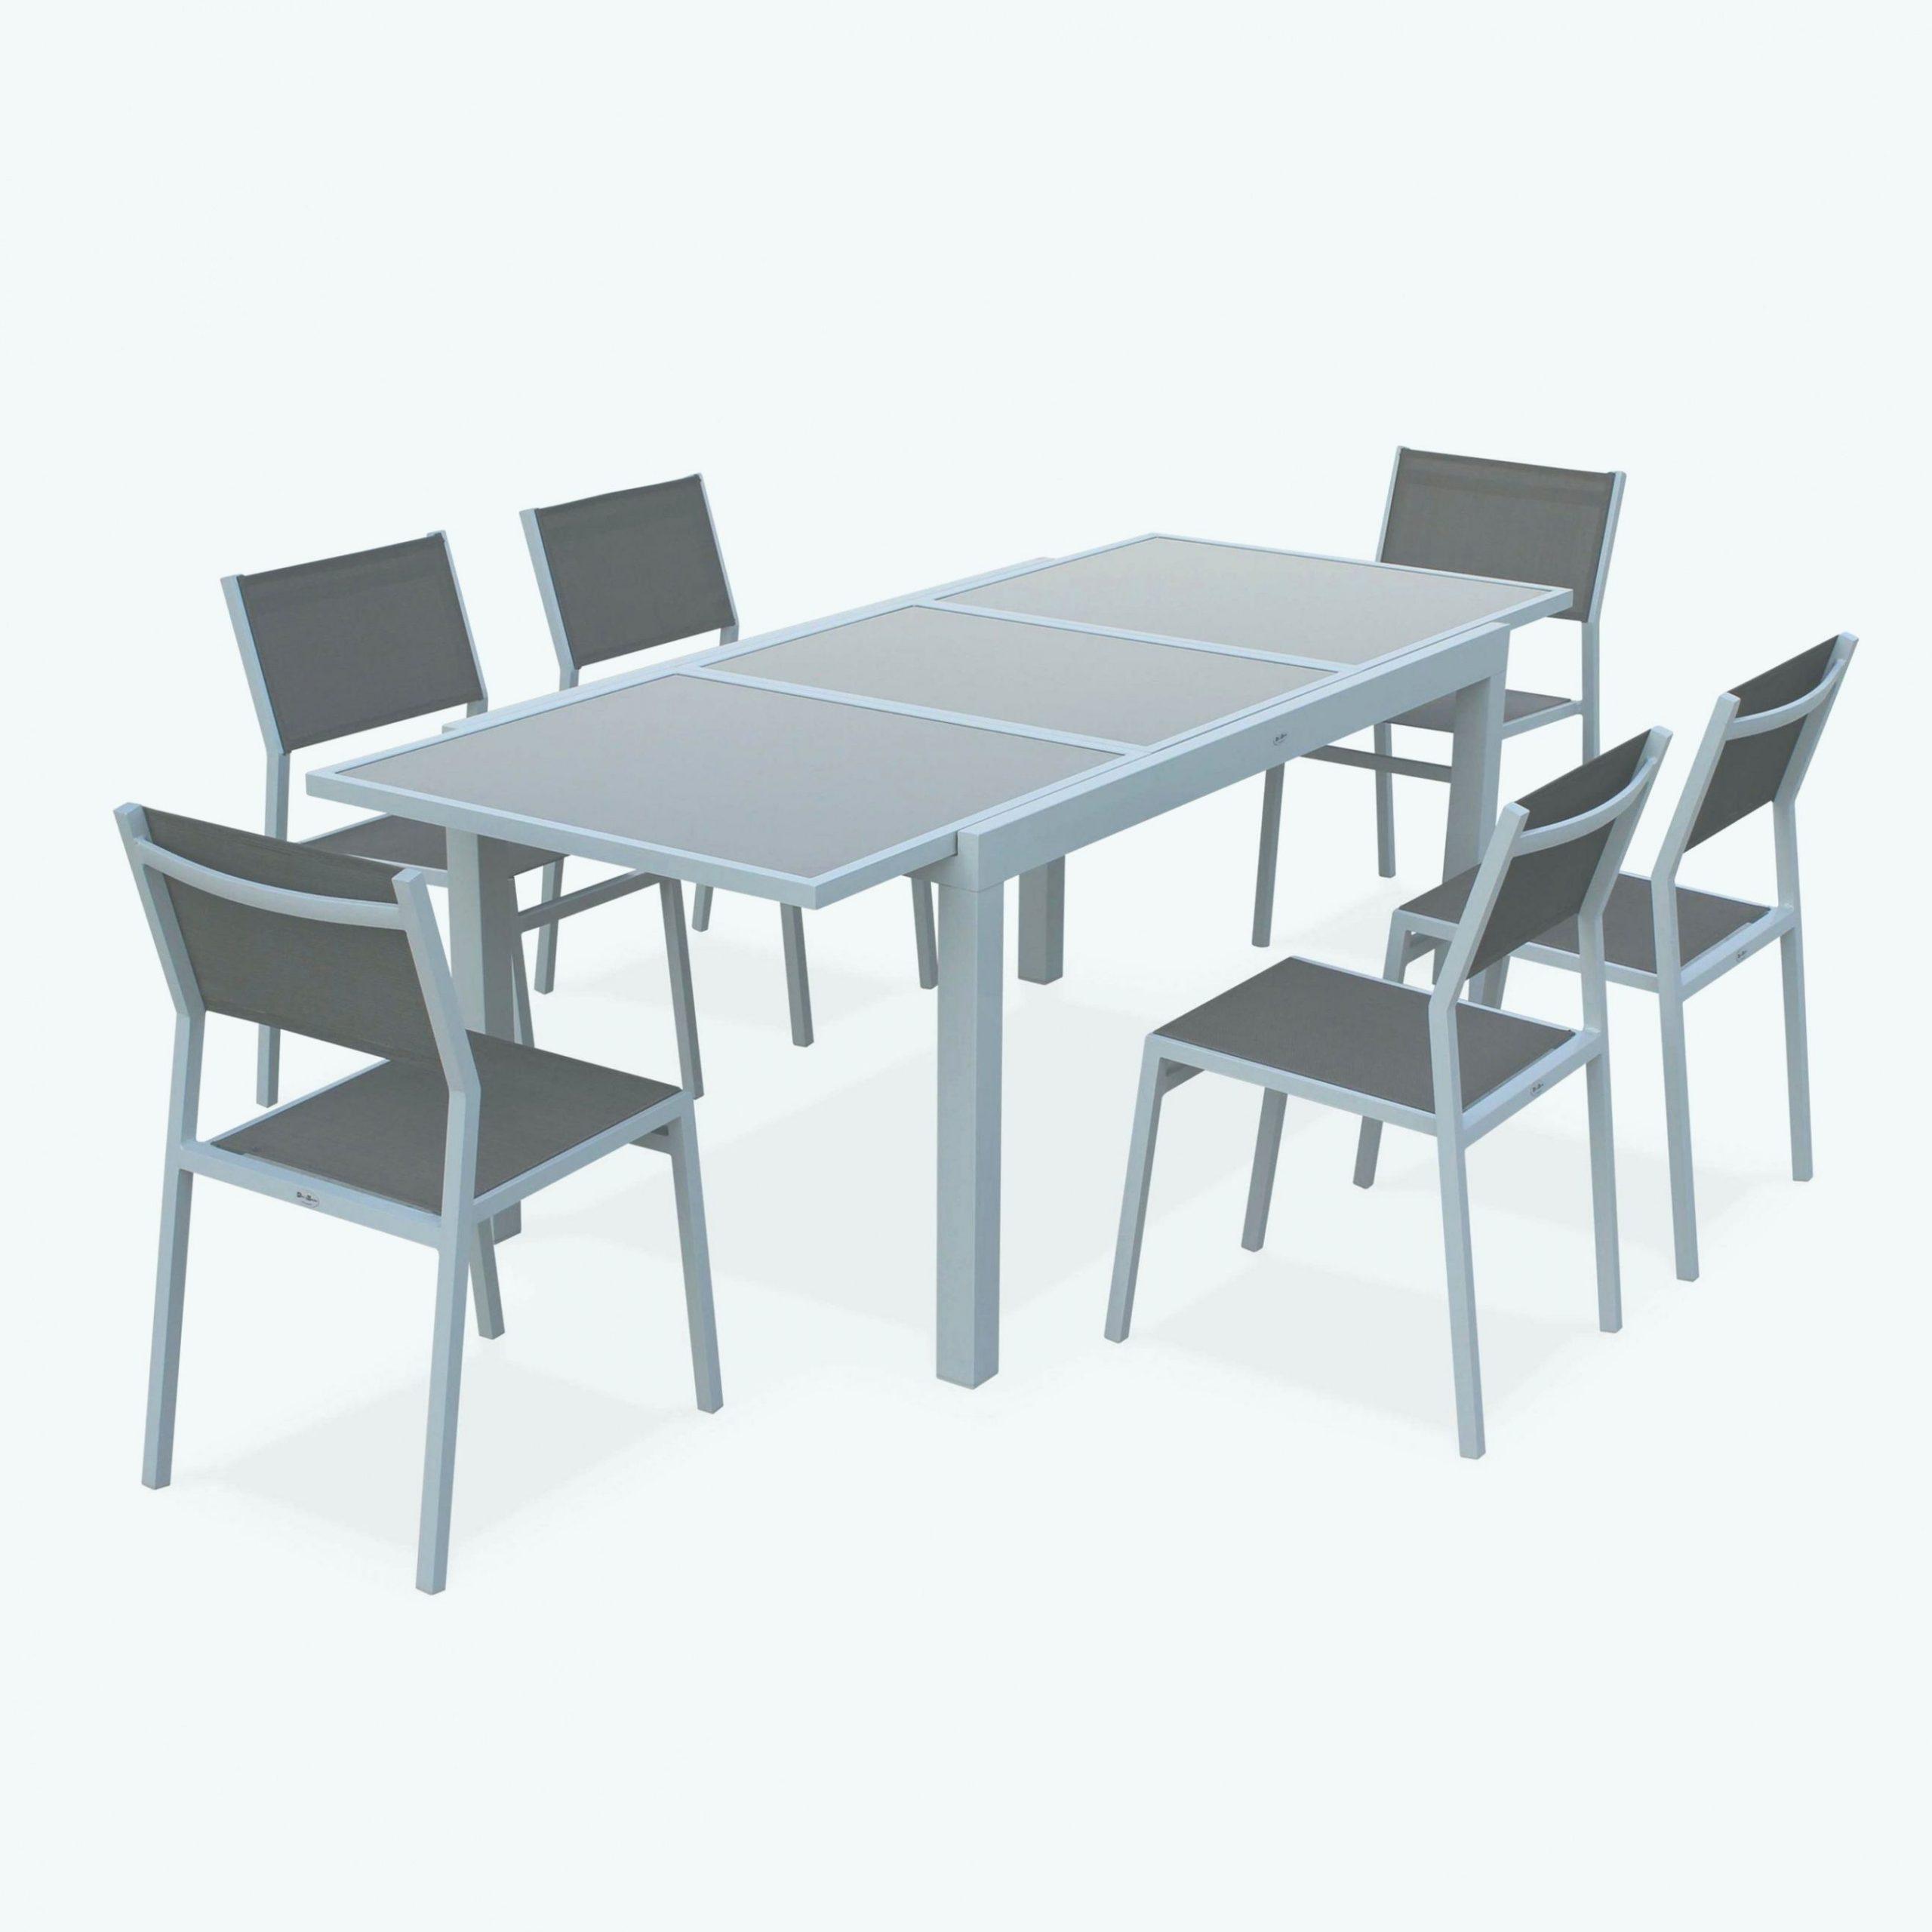 77 Salon De Jardin En Aluminium destiné Table De Jardin En Aluminium